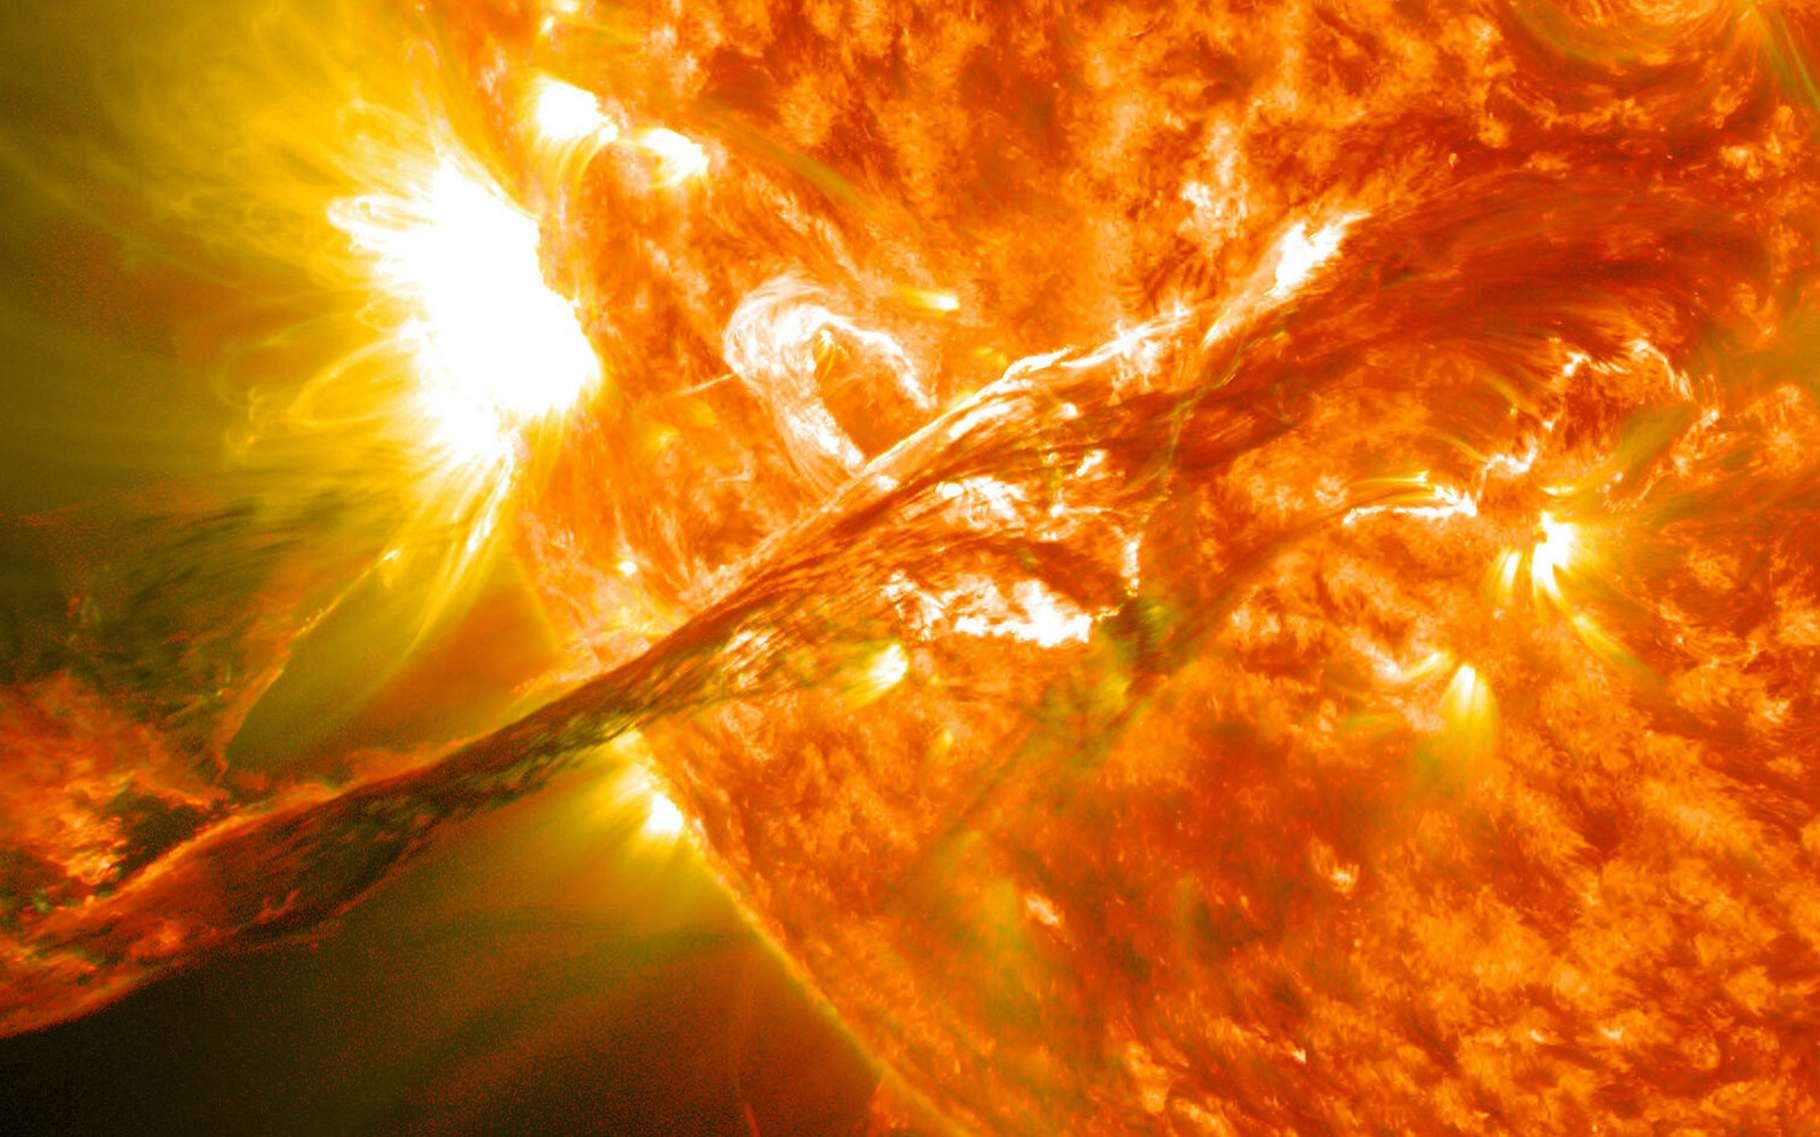 La source de particules dangereuses expulsées par le Soleil localisée - Futura